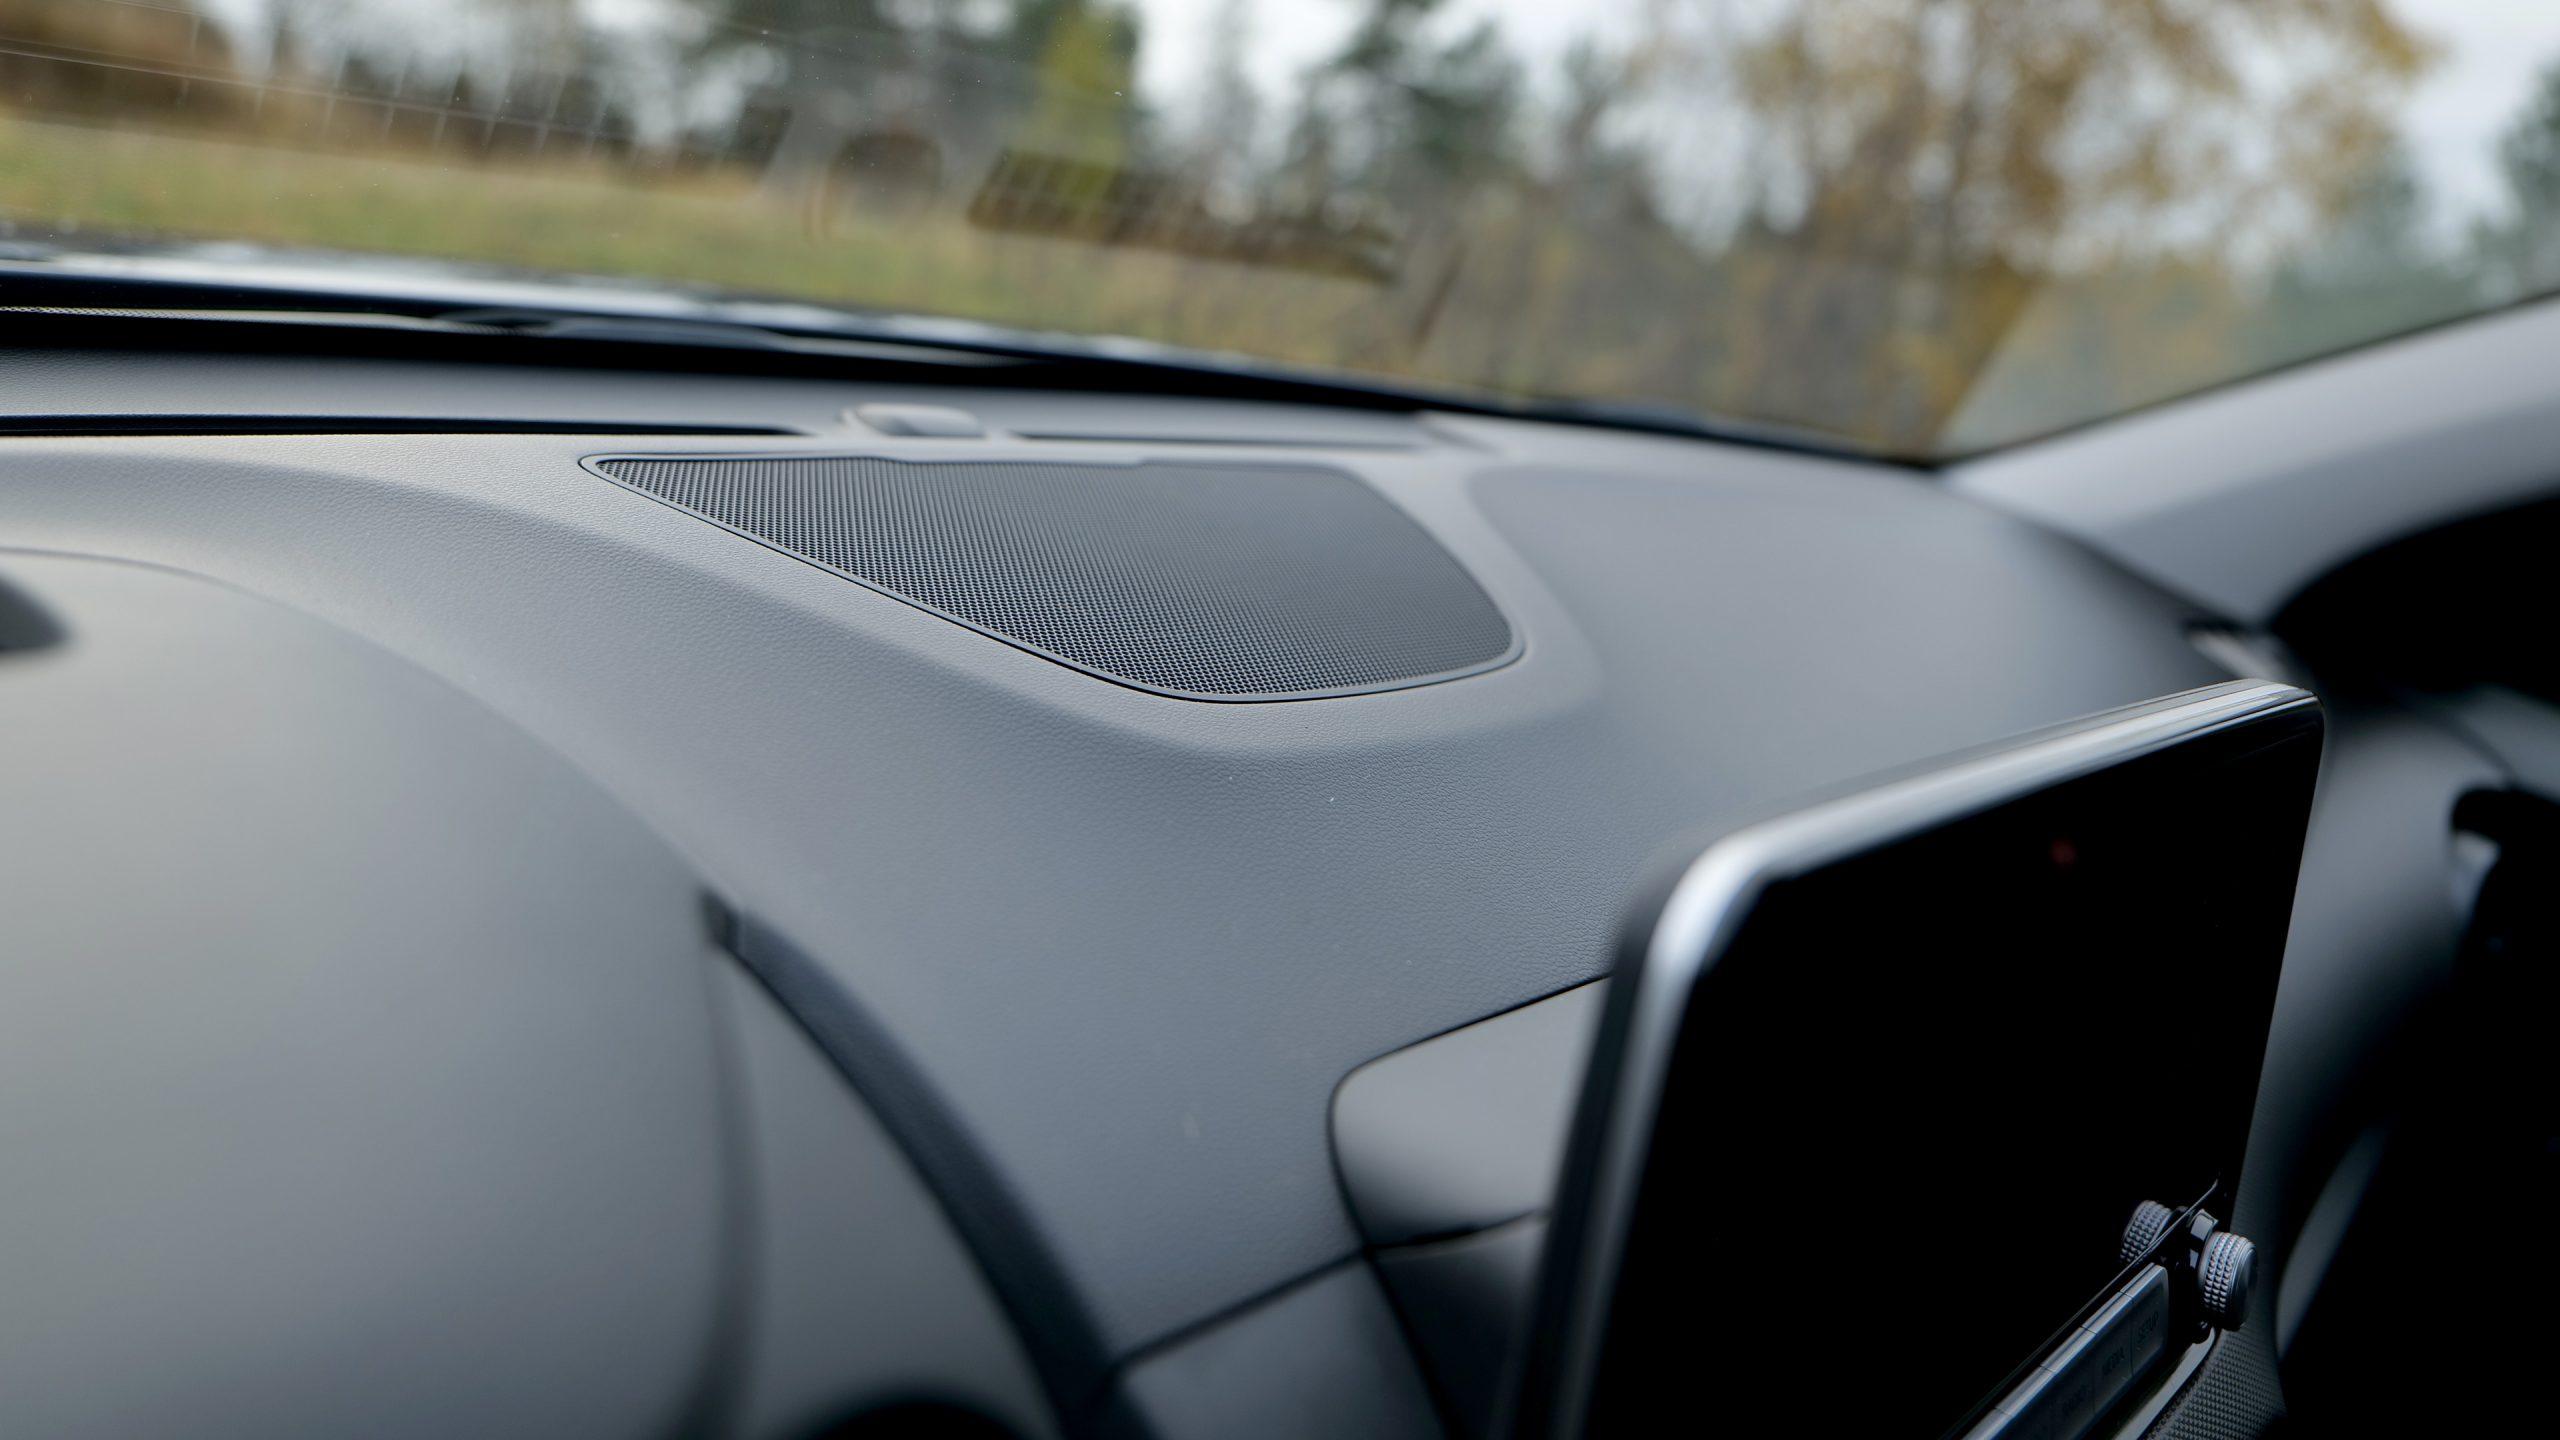 Hyundai Kona KRELL center speaker